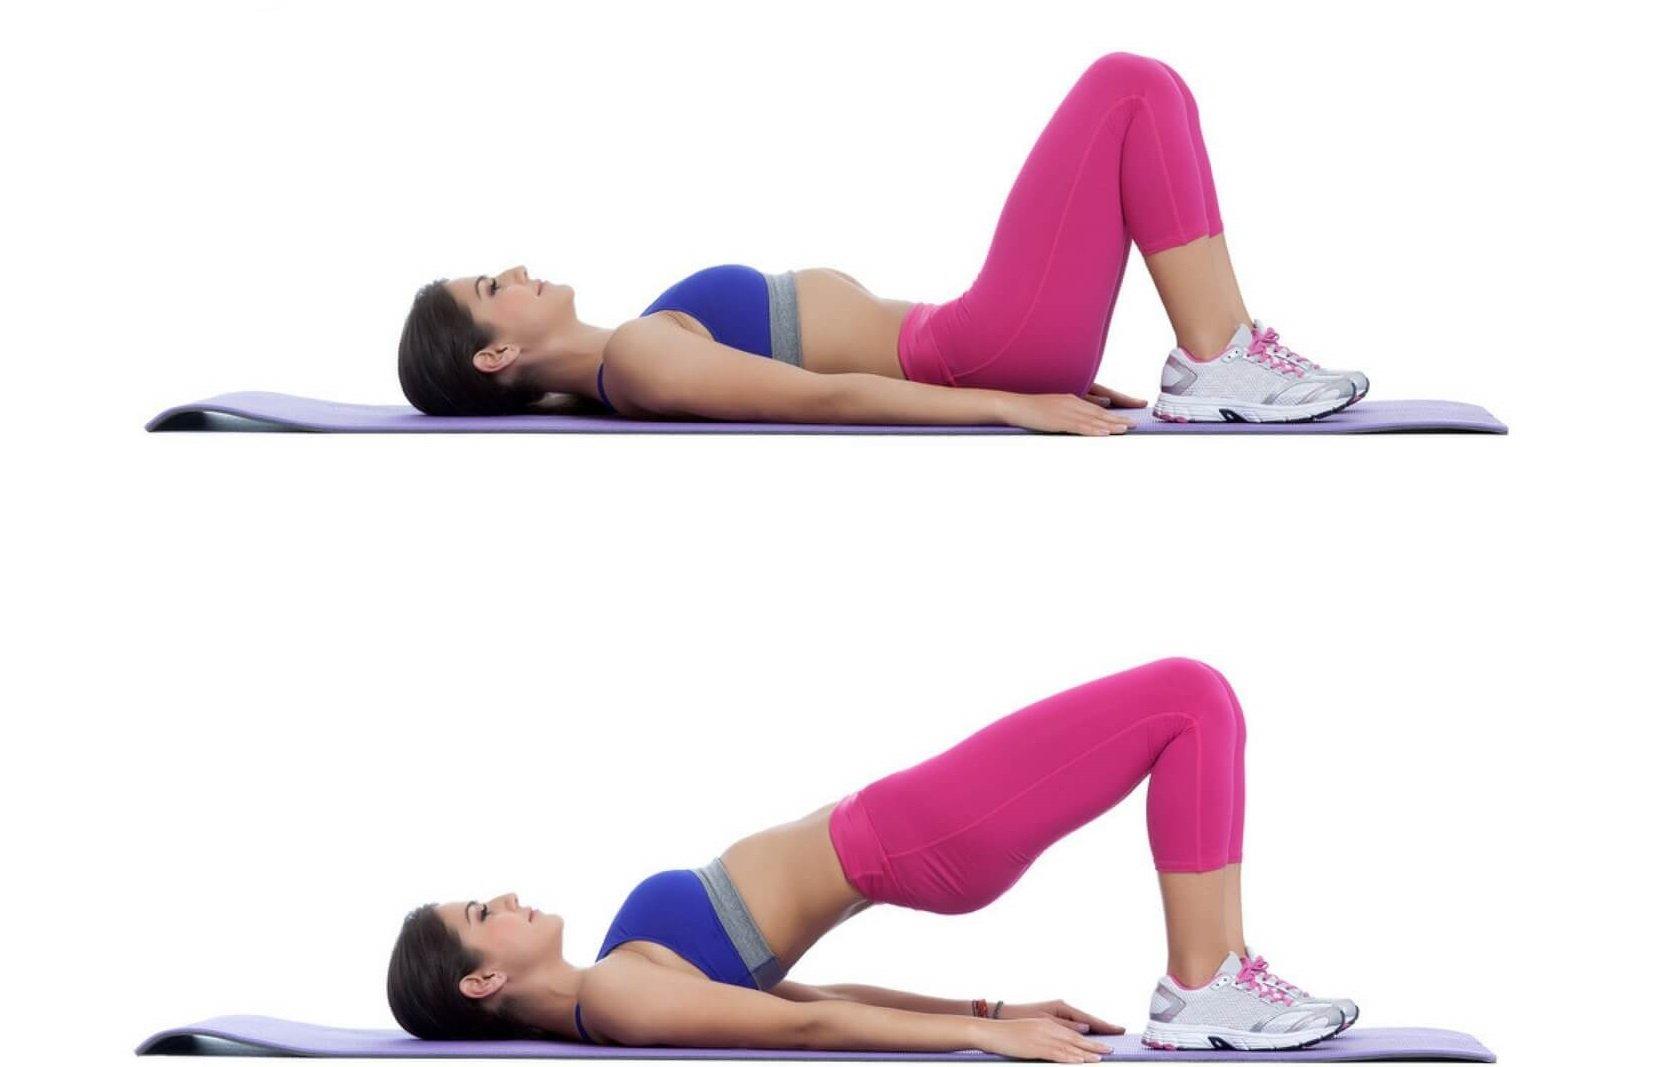 Упражнения На Талию И Ноги Как Похудеть. Минус 4 см в талии за 2 дня: упражнение: